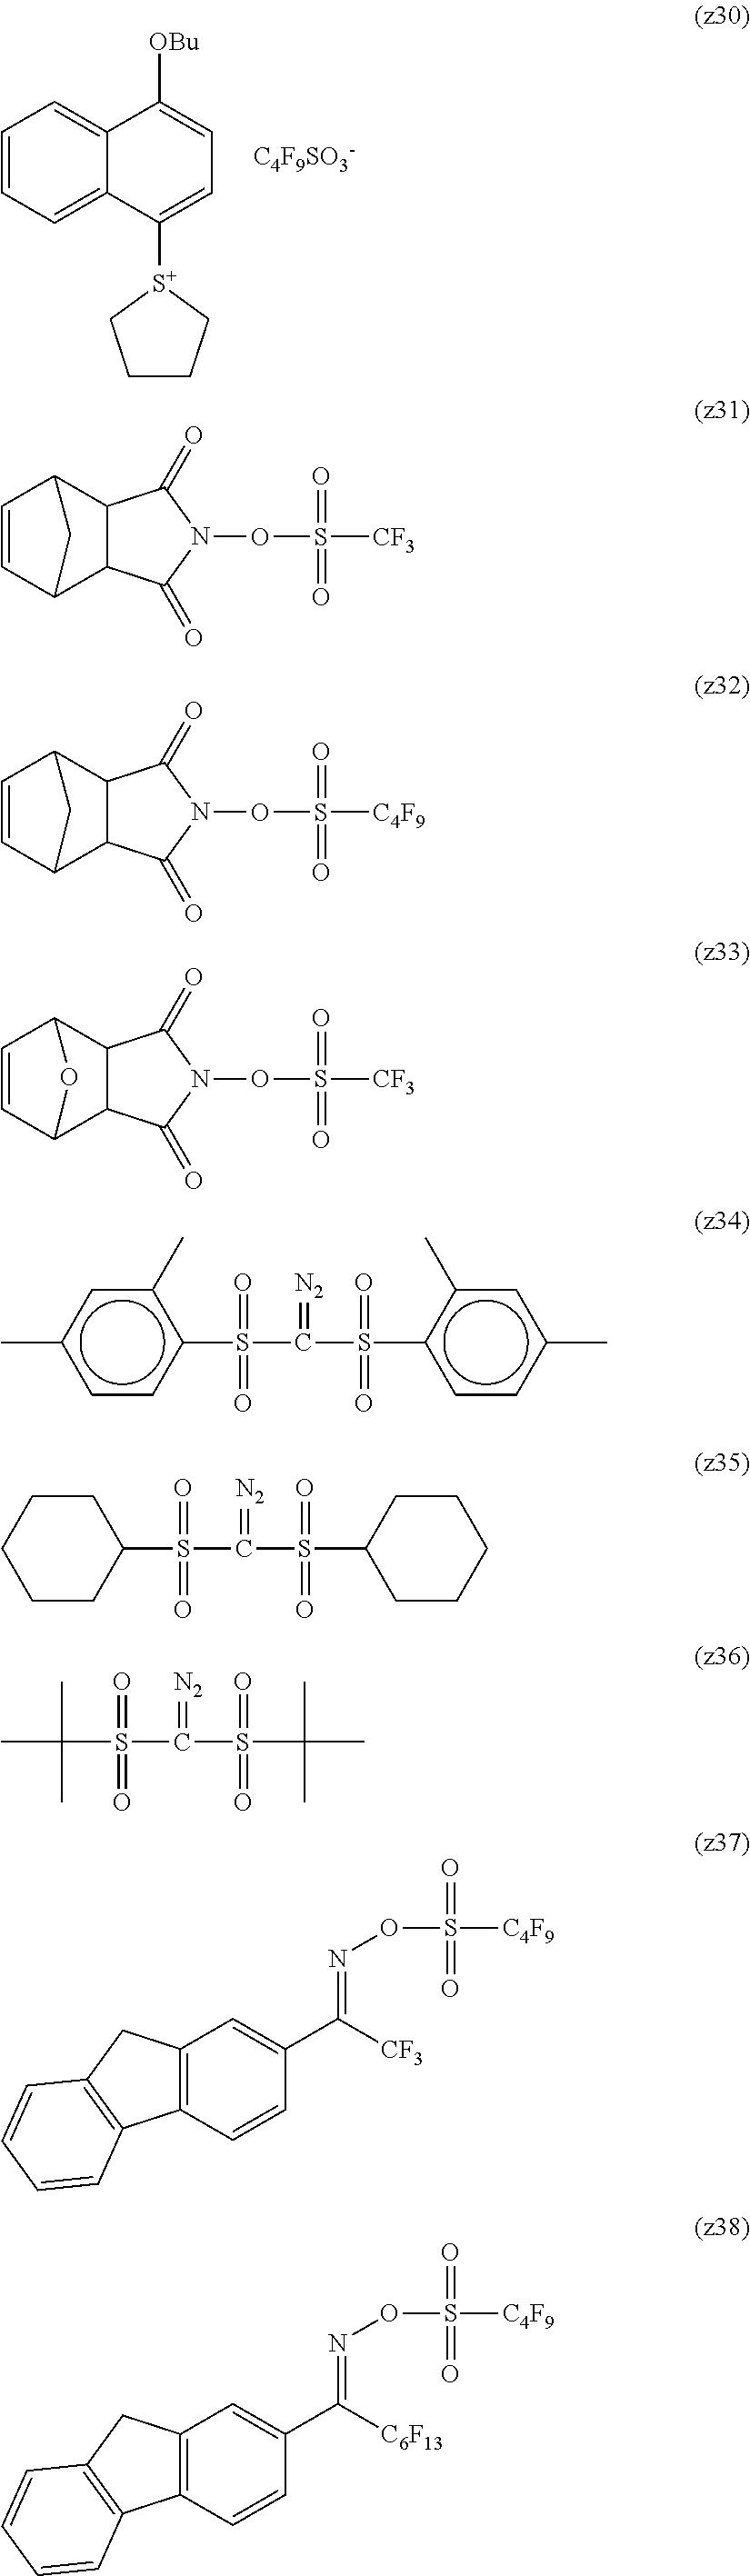 Figure US08476001-20130702-C00055